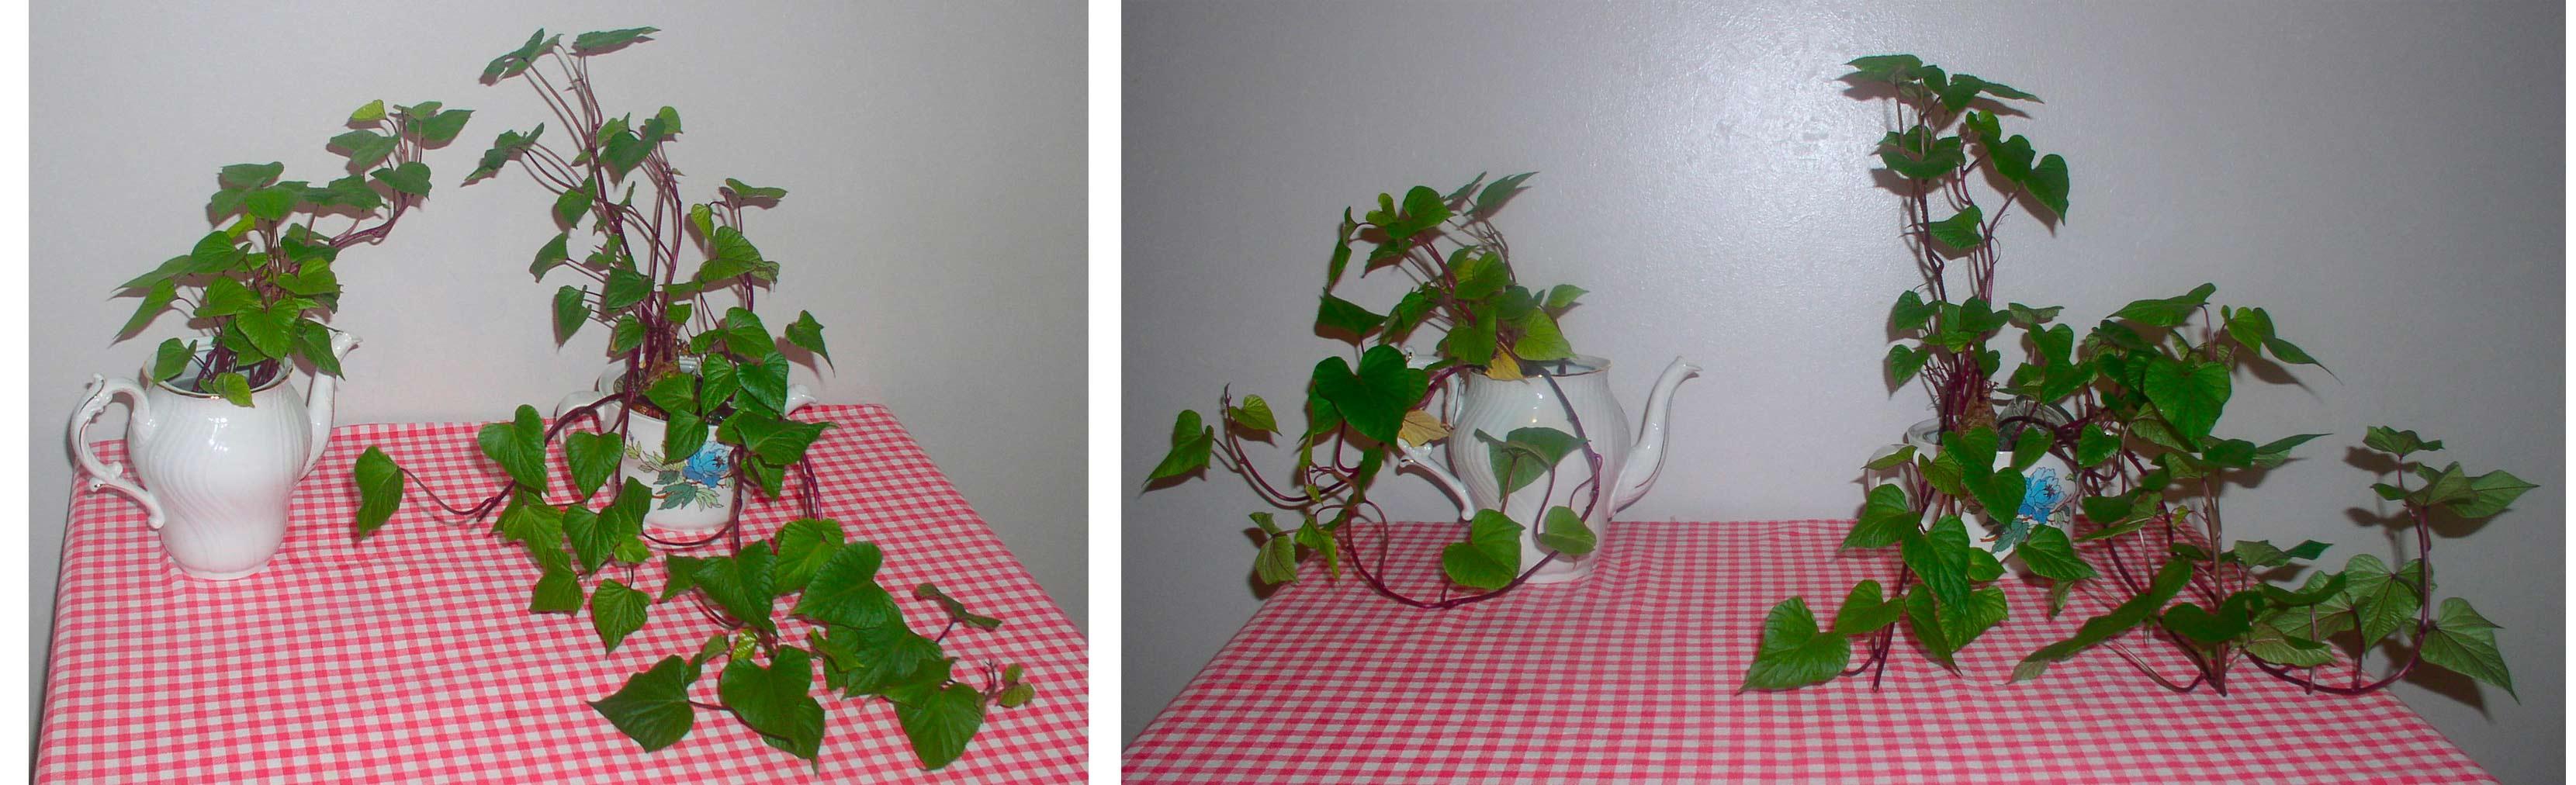 gli effetti del Cleanergy sulle piante